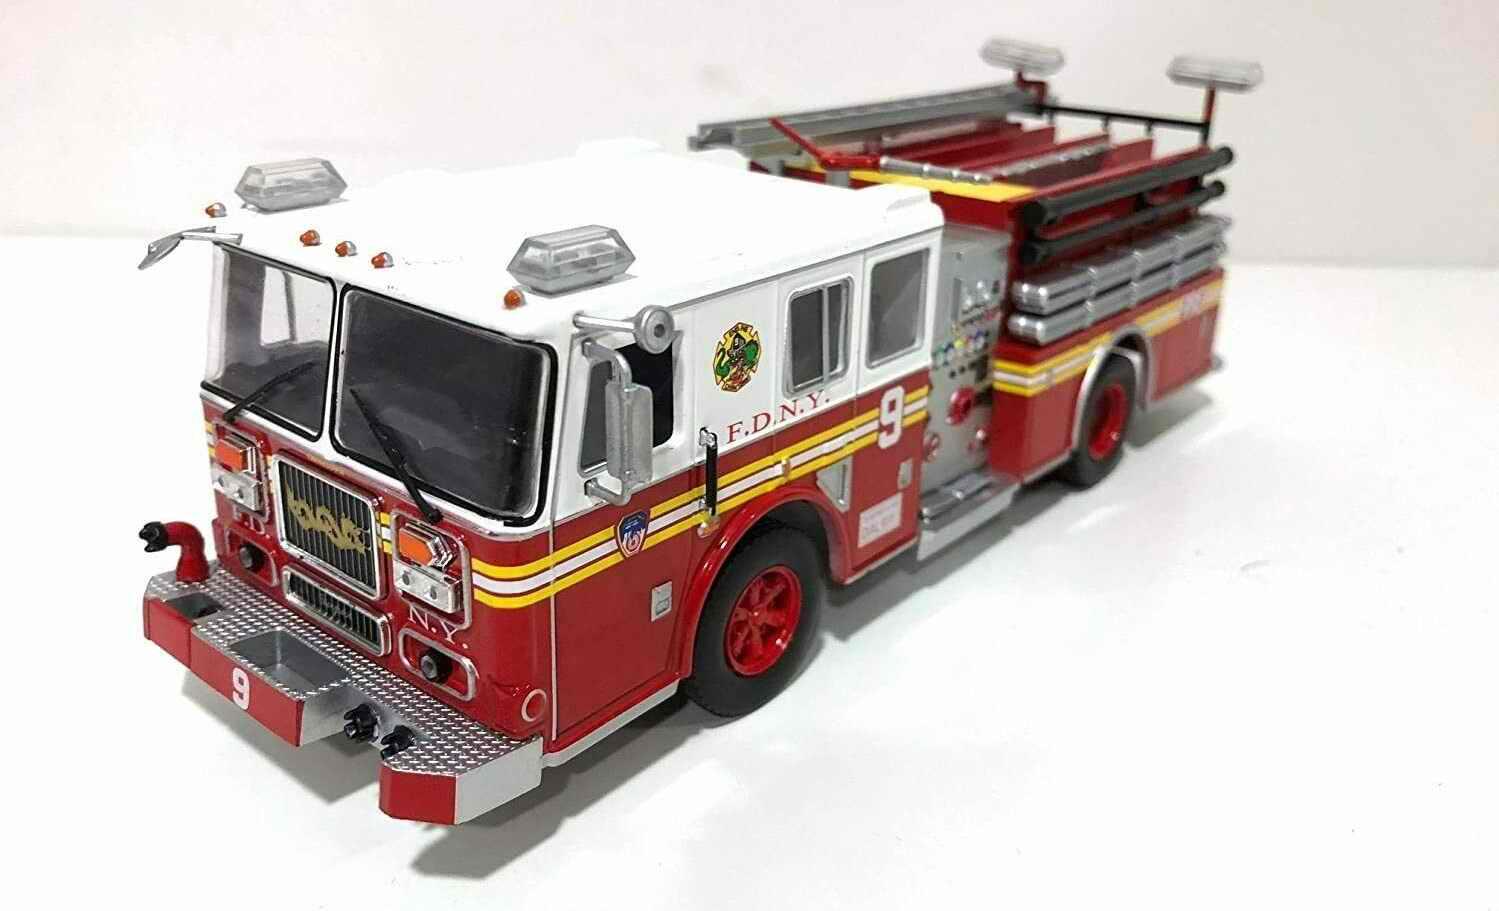 Camion de Pompiers Américain SEAGRAVE MARAUDER II Pompiers de New York FDNY 1/43